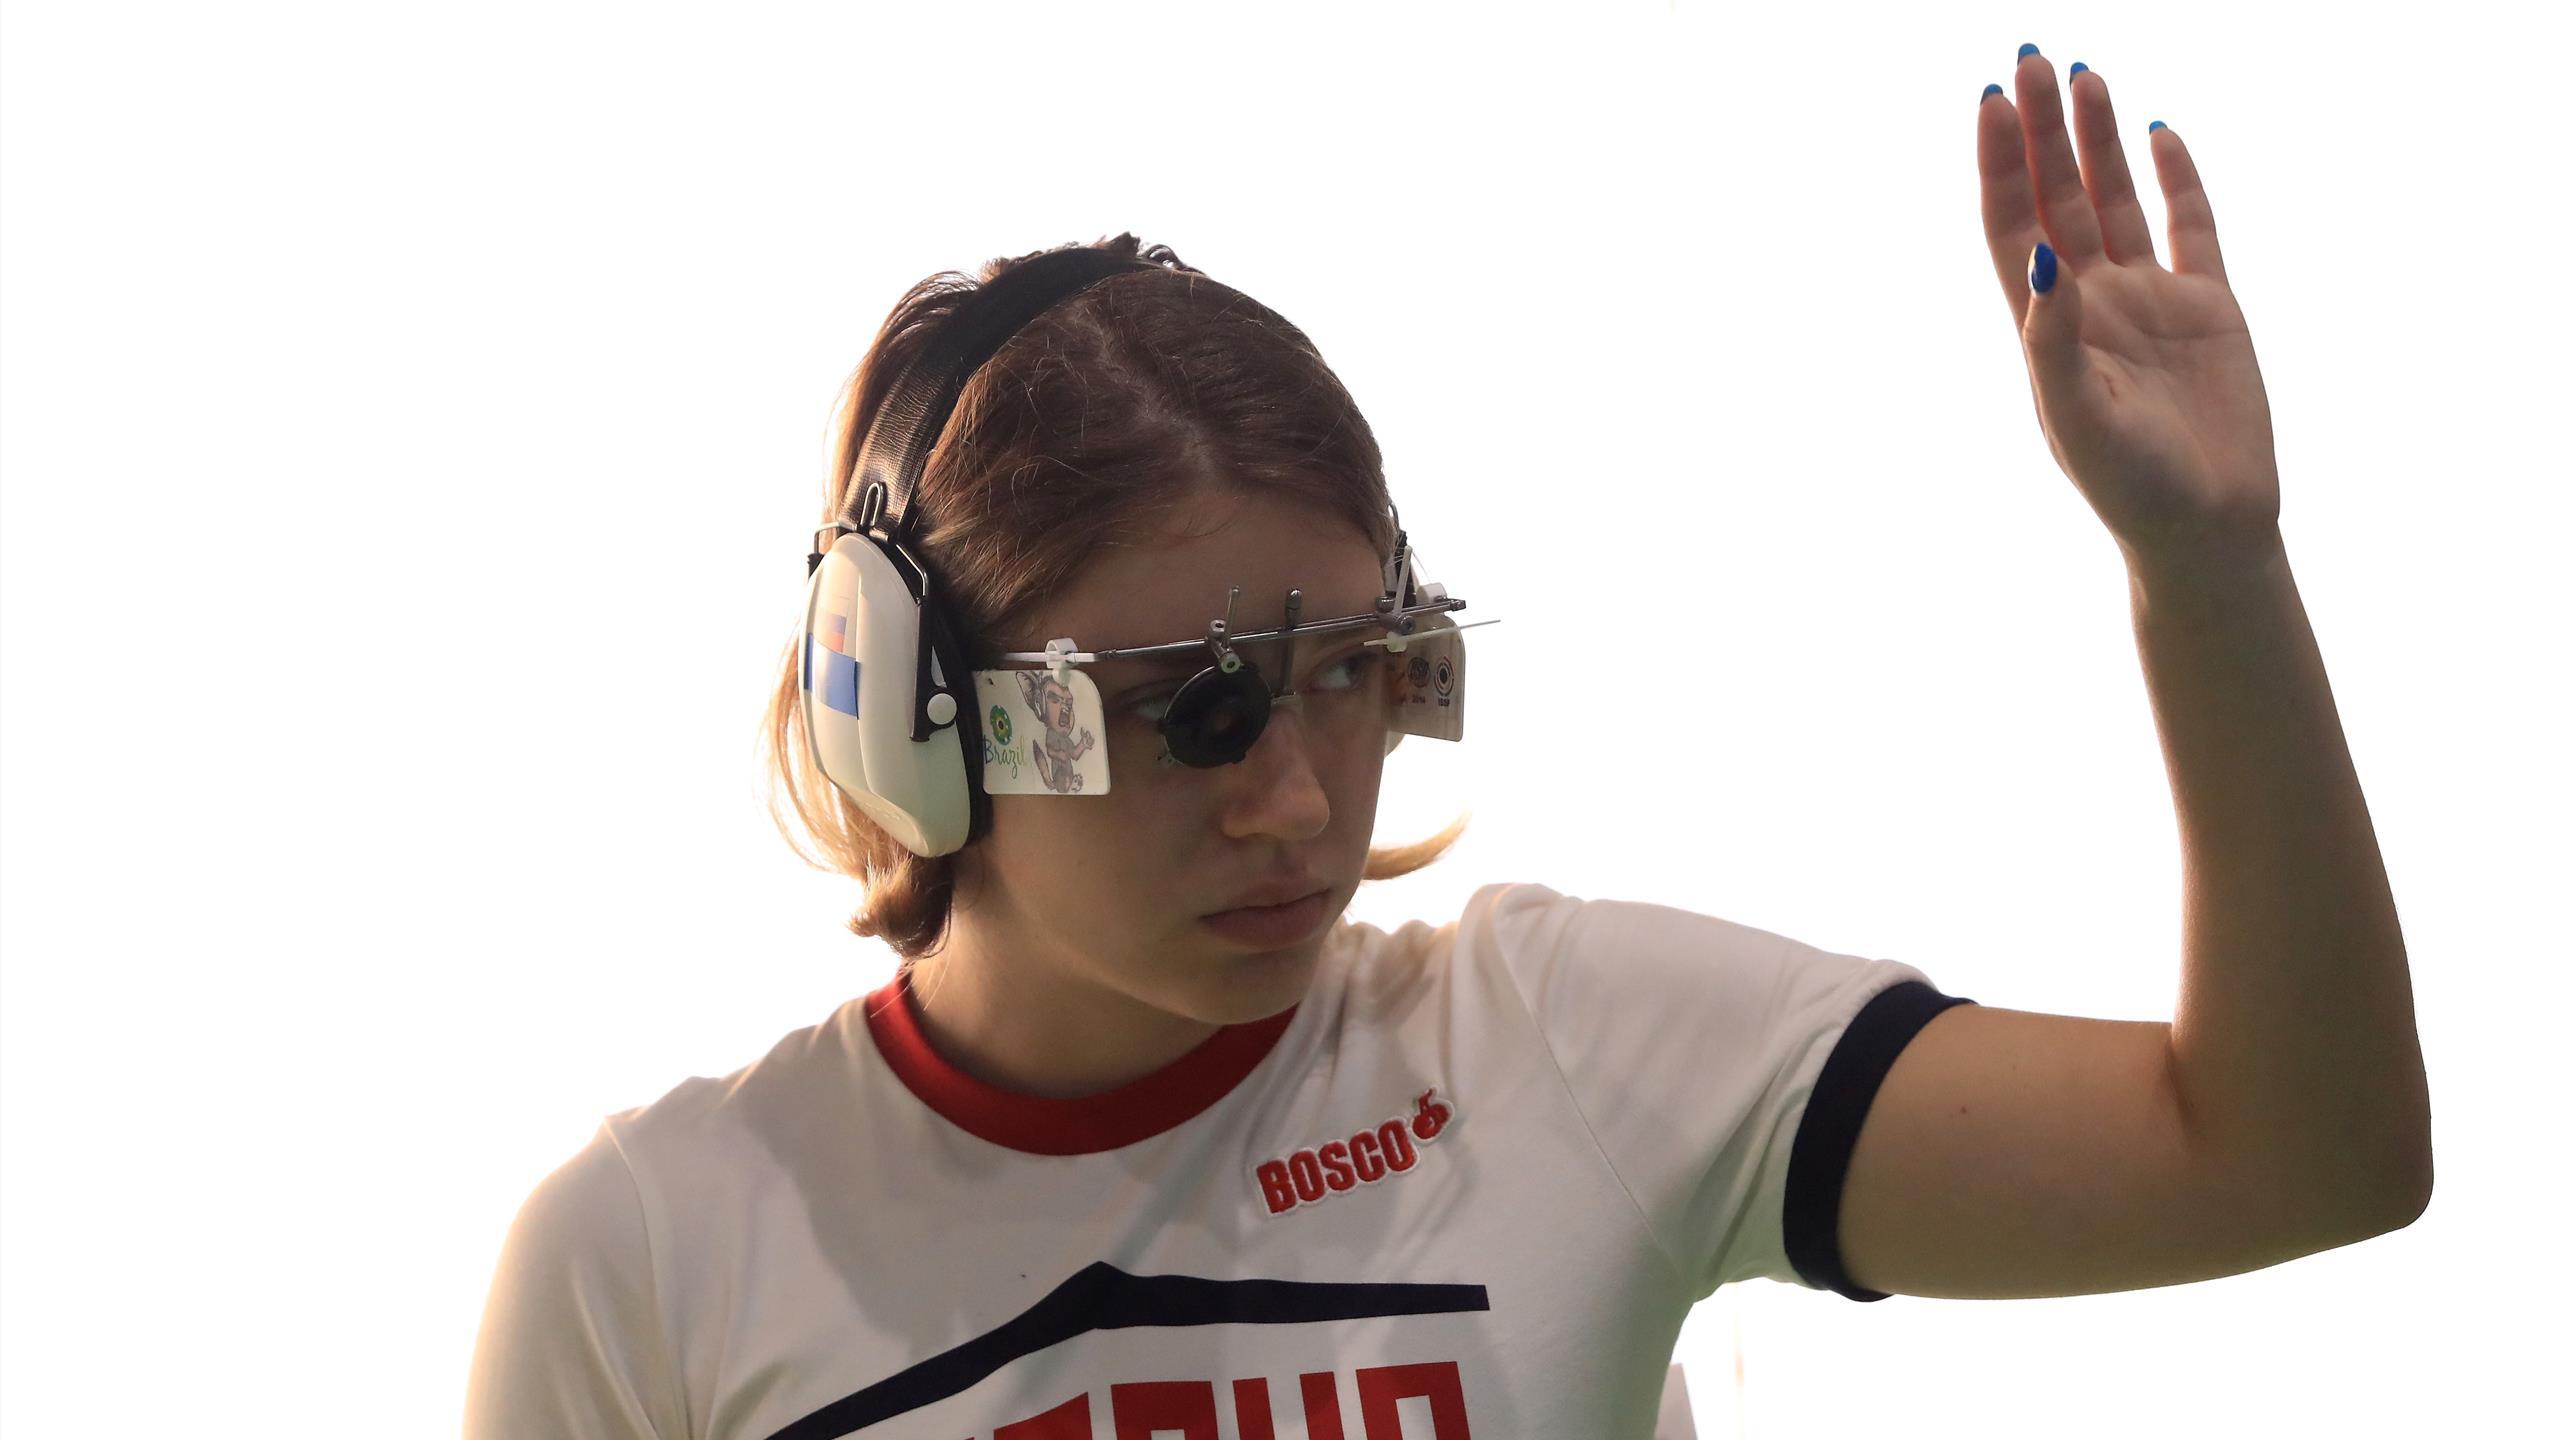 Россия выиграла 1-е золото в Токио – в стрельбе из пистолета